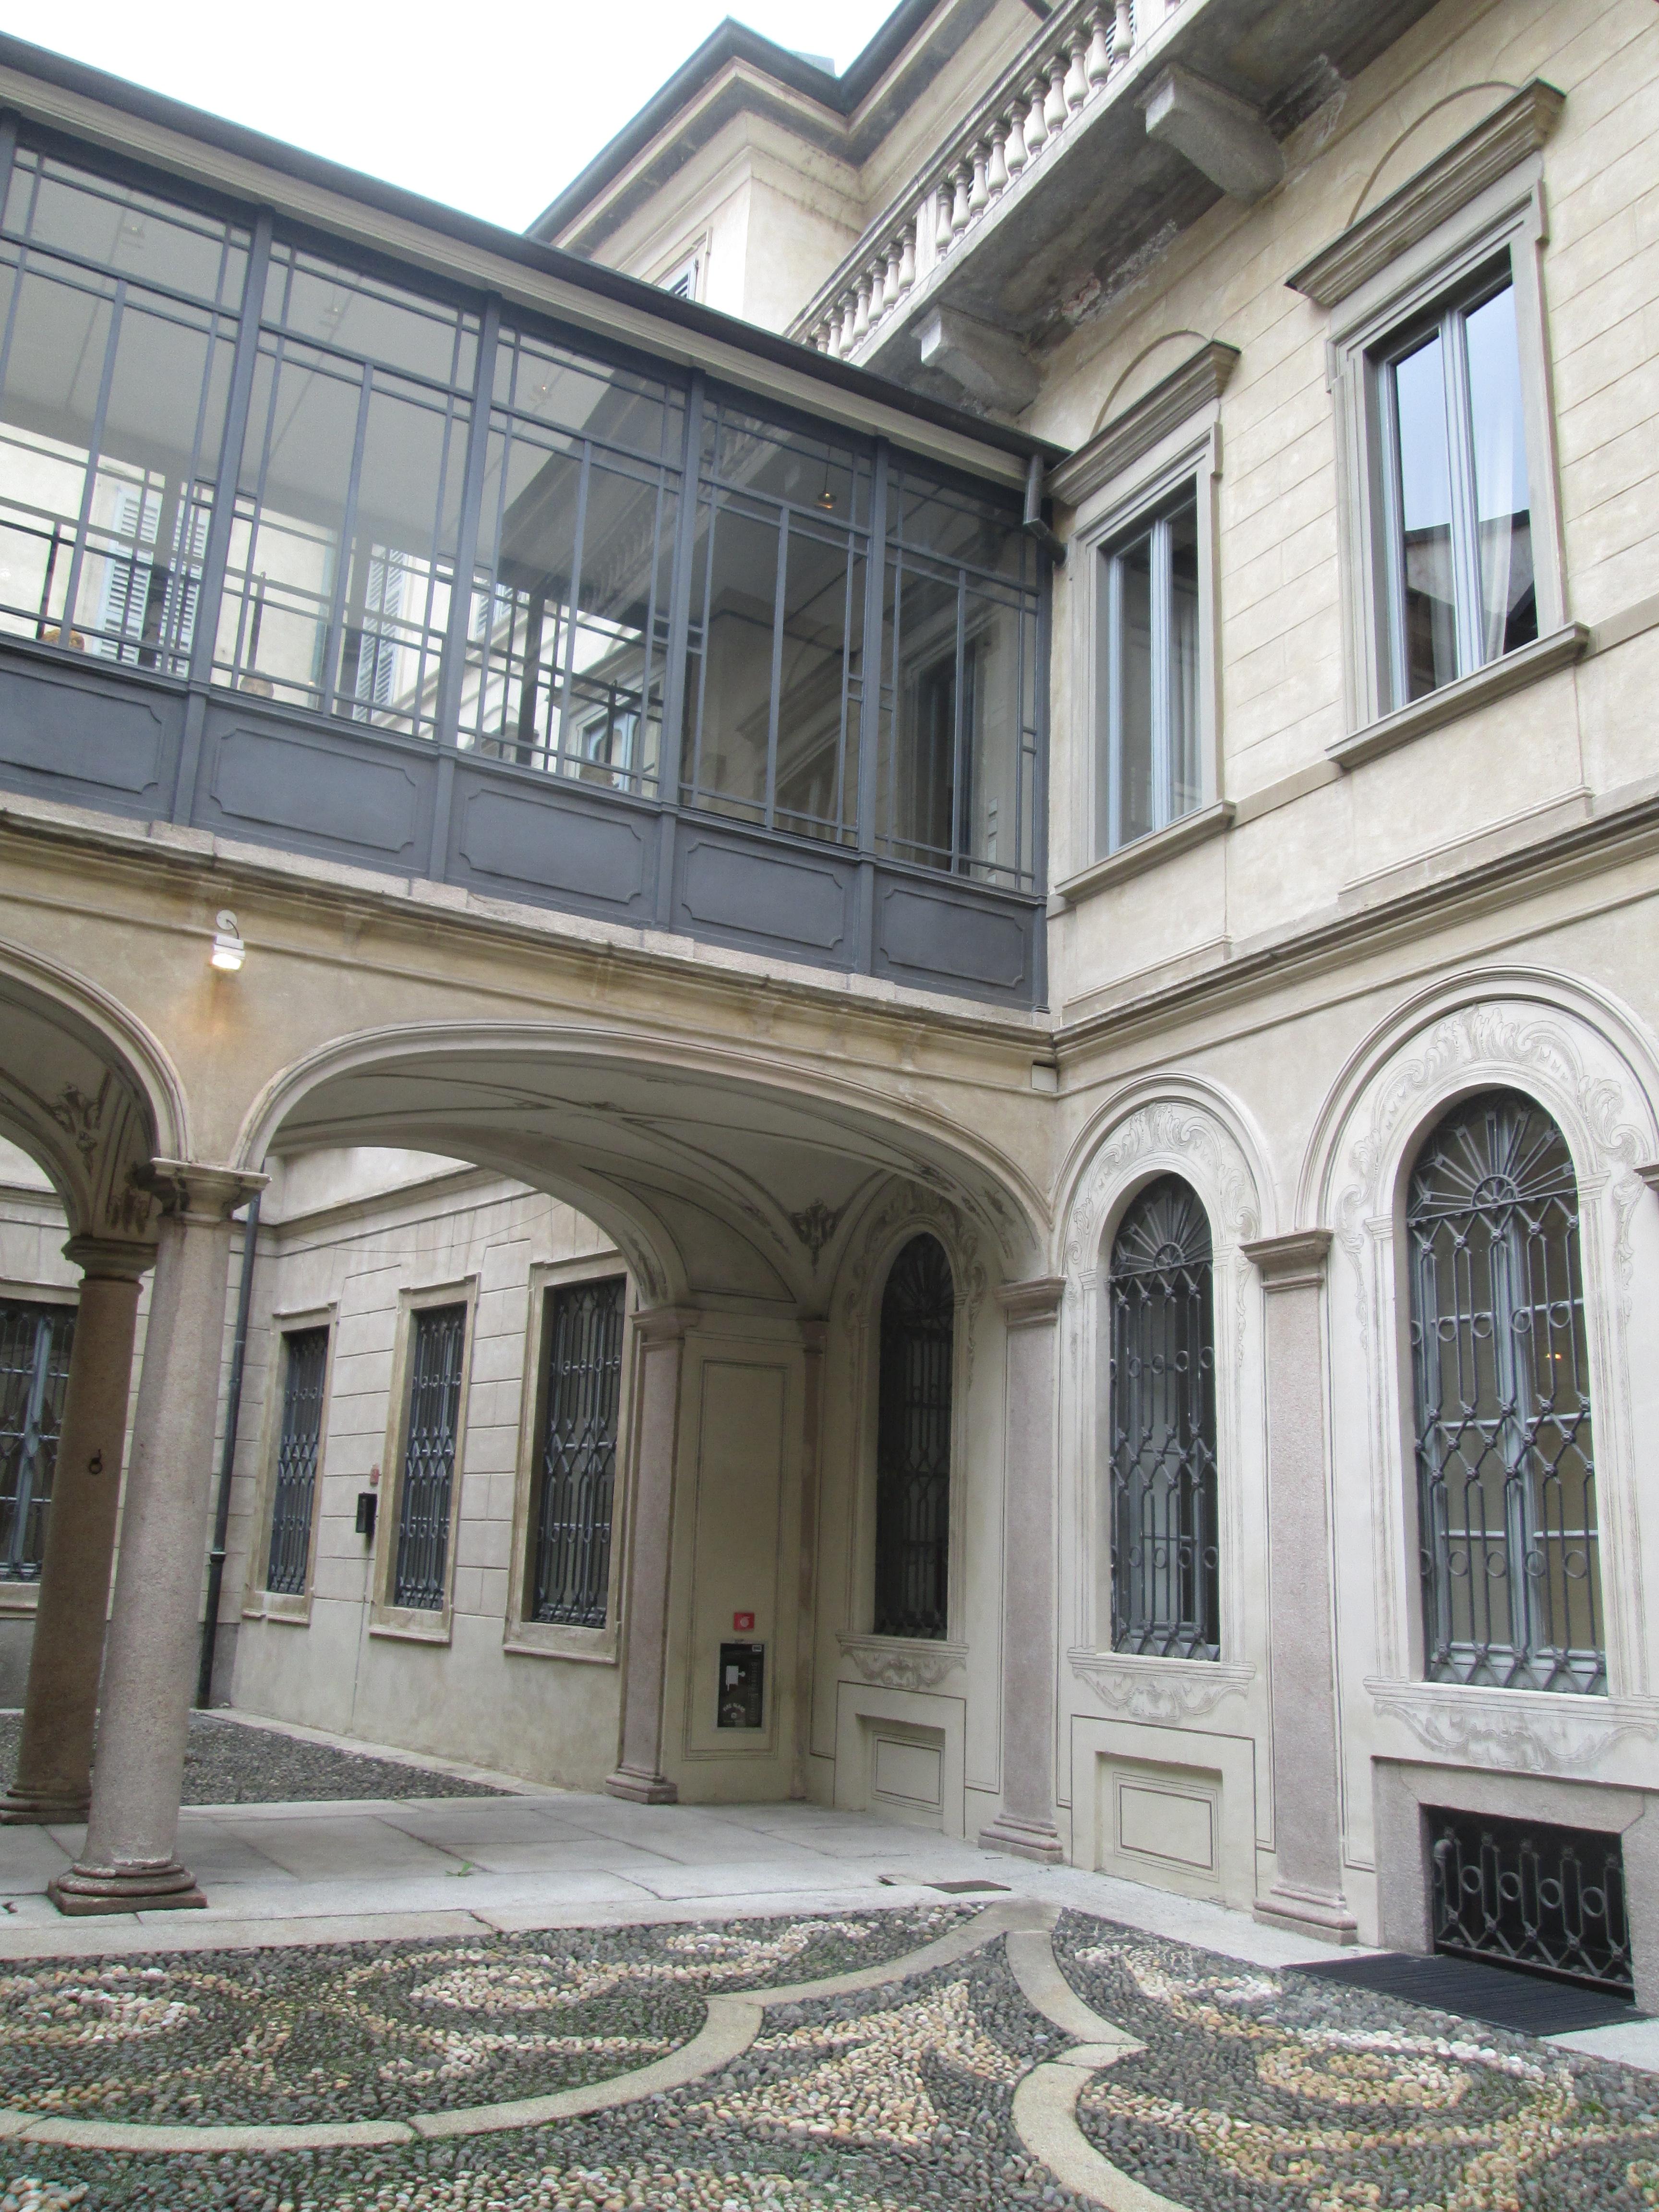 Palazzo morando a milano estri in laboratorio for Palazzo morando